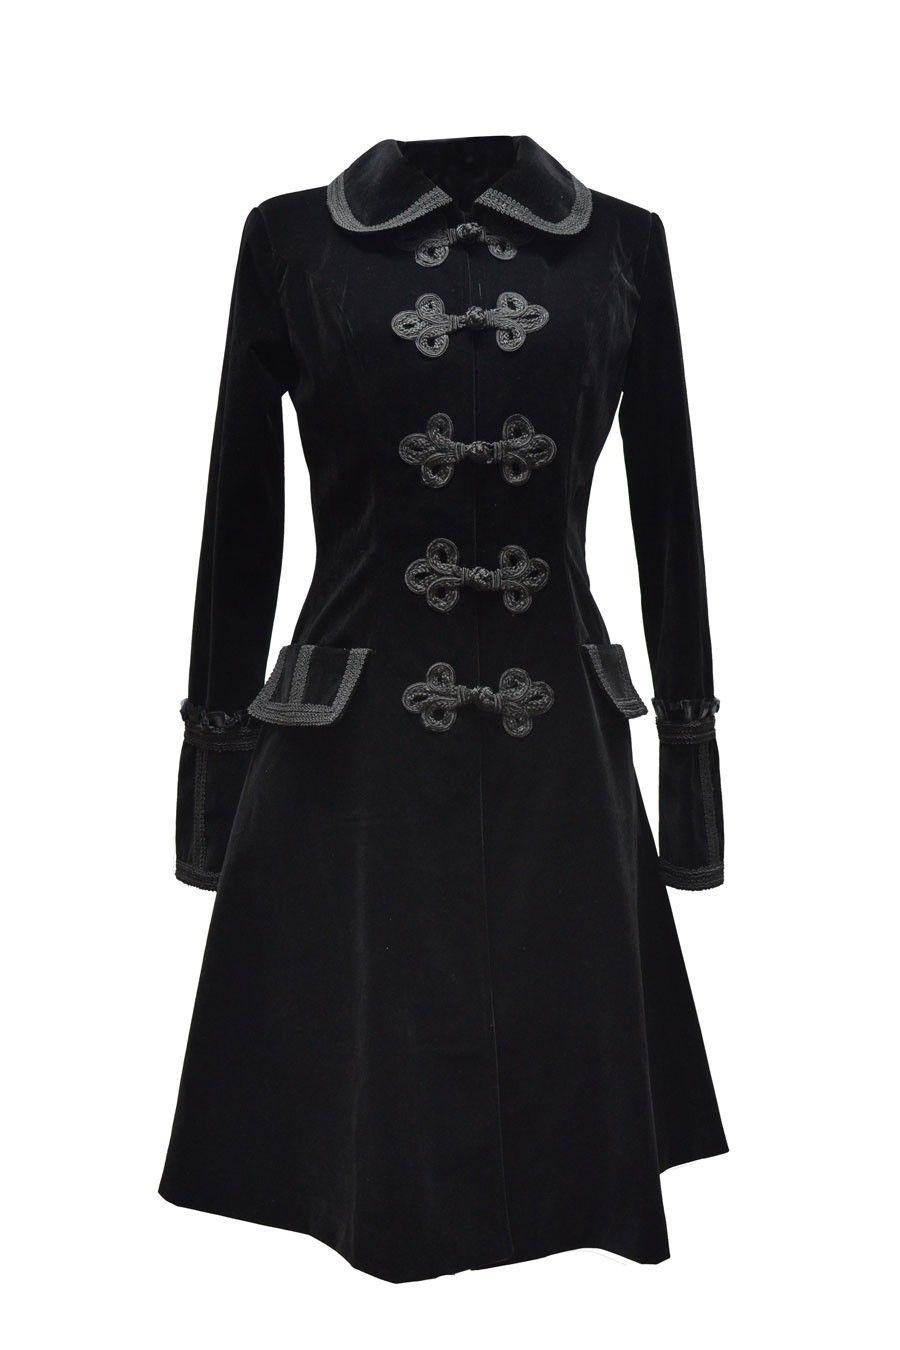 Boutique féerique dark gothique romantique et fantasy  ac6b4a5d576